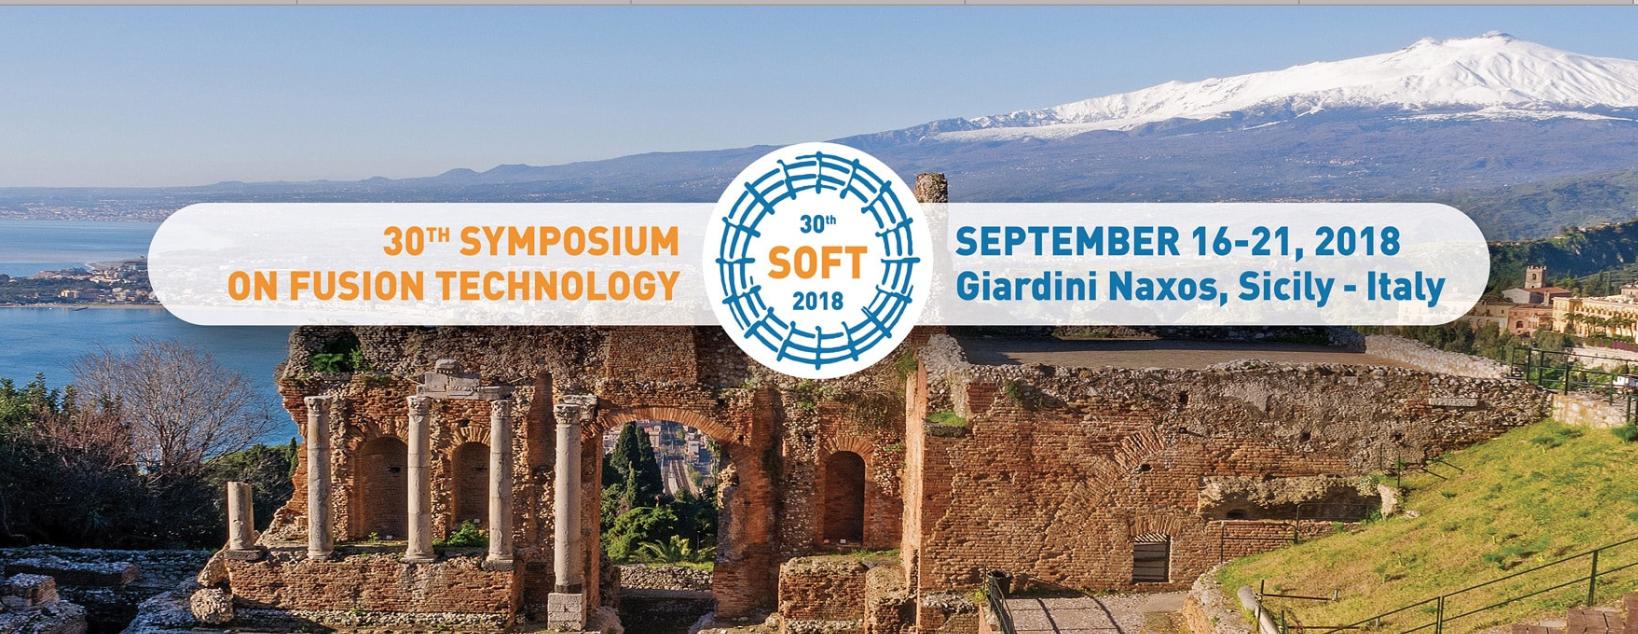 Visit OCEM at SOFT 2018 in Giardini Naxos, Sicily!